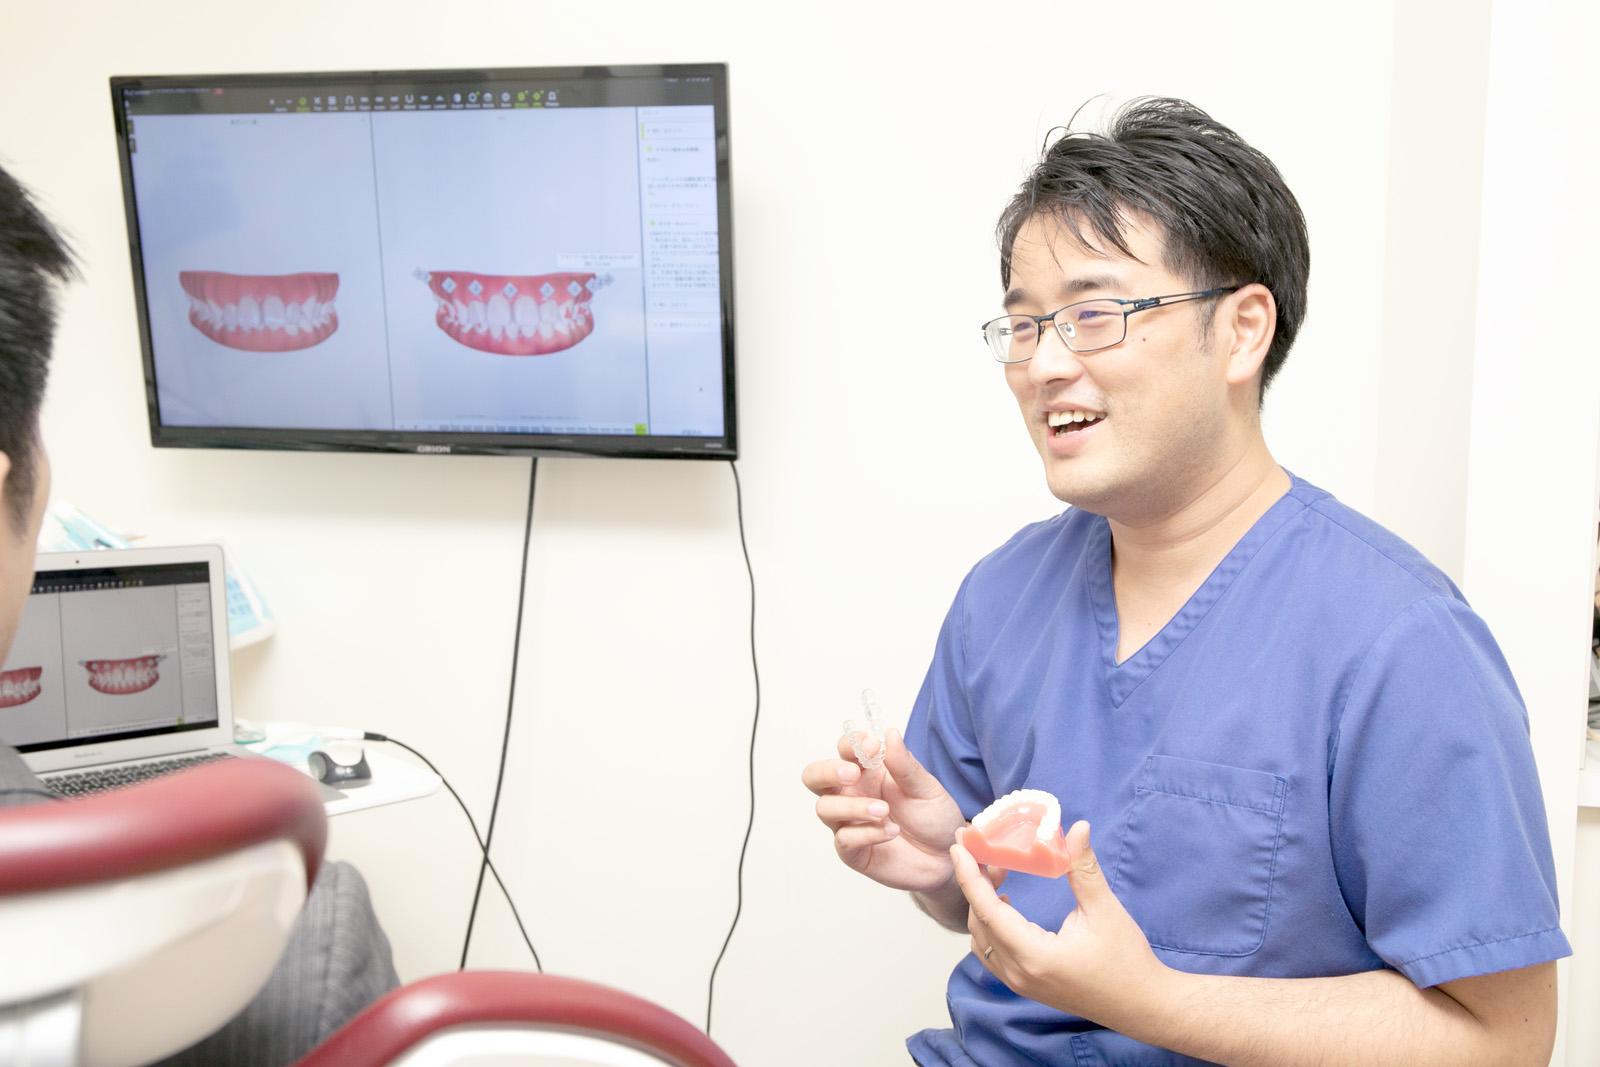 各工程で患者さんの「完成形イメージ」をすり合わせます